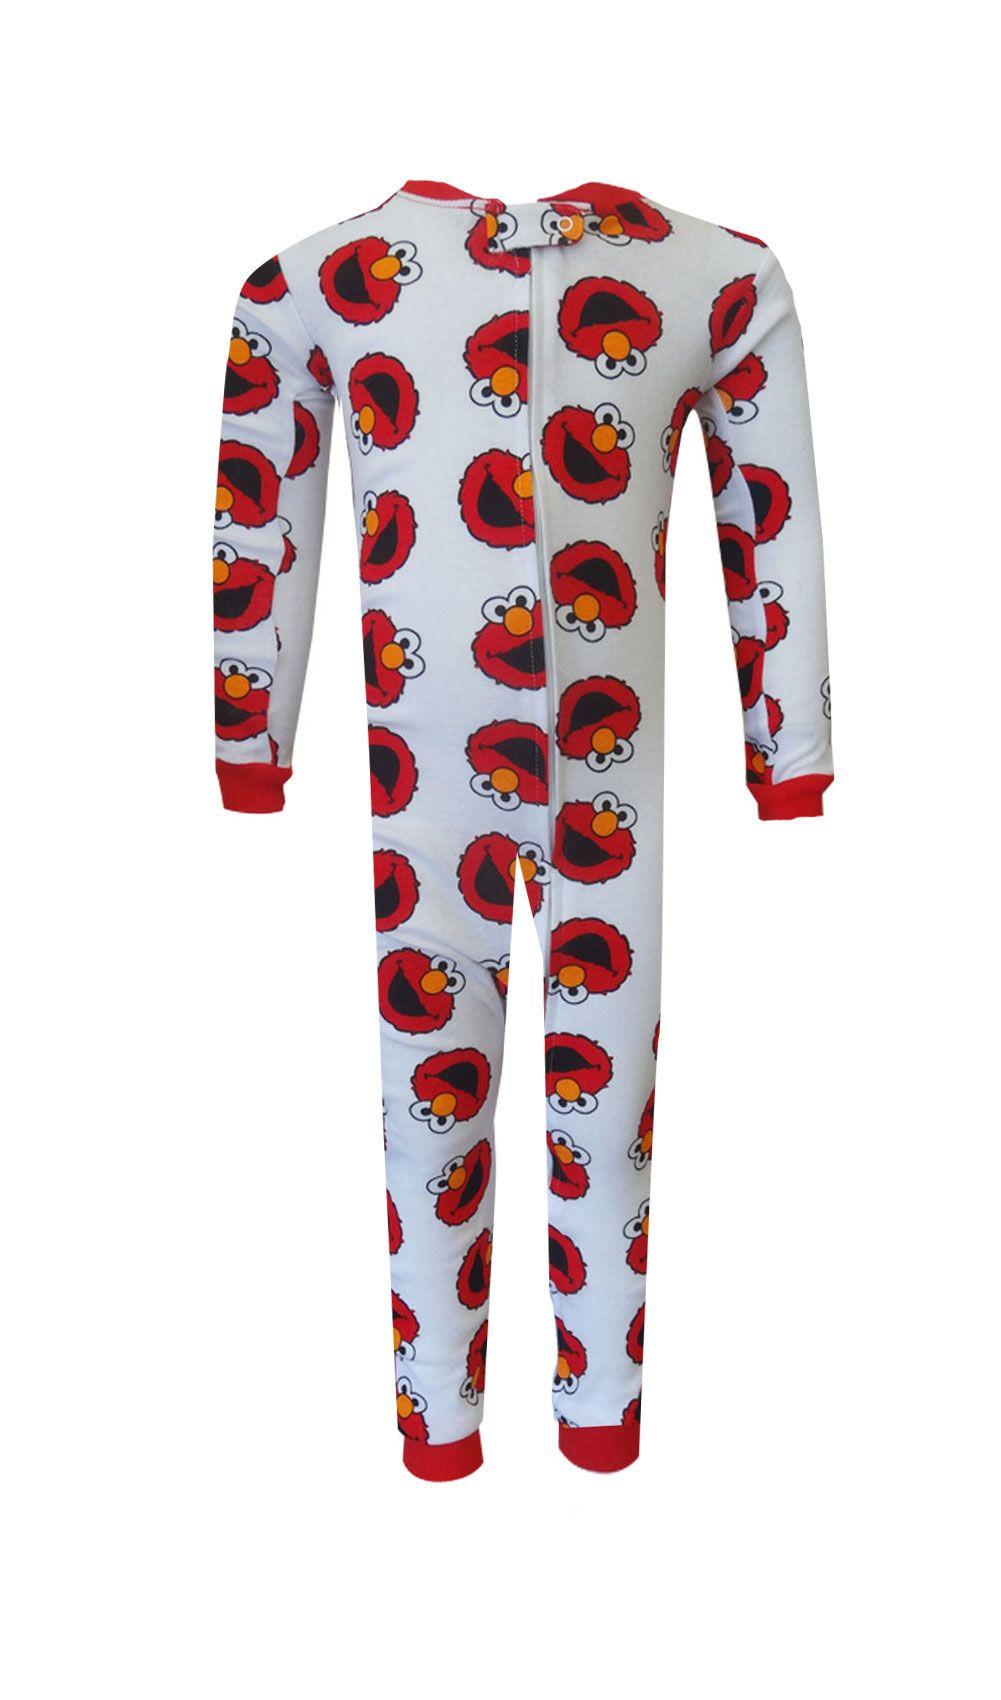 Sesame Street Elmo Cotton Toddler Onesie Pajamas Cotton